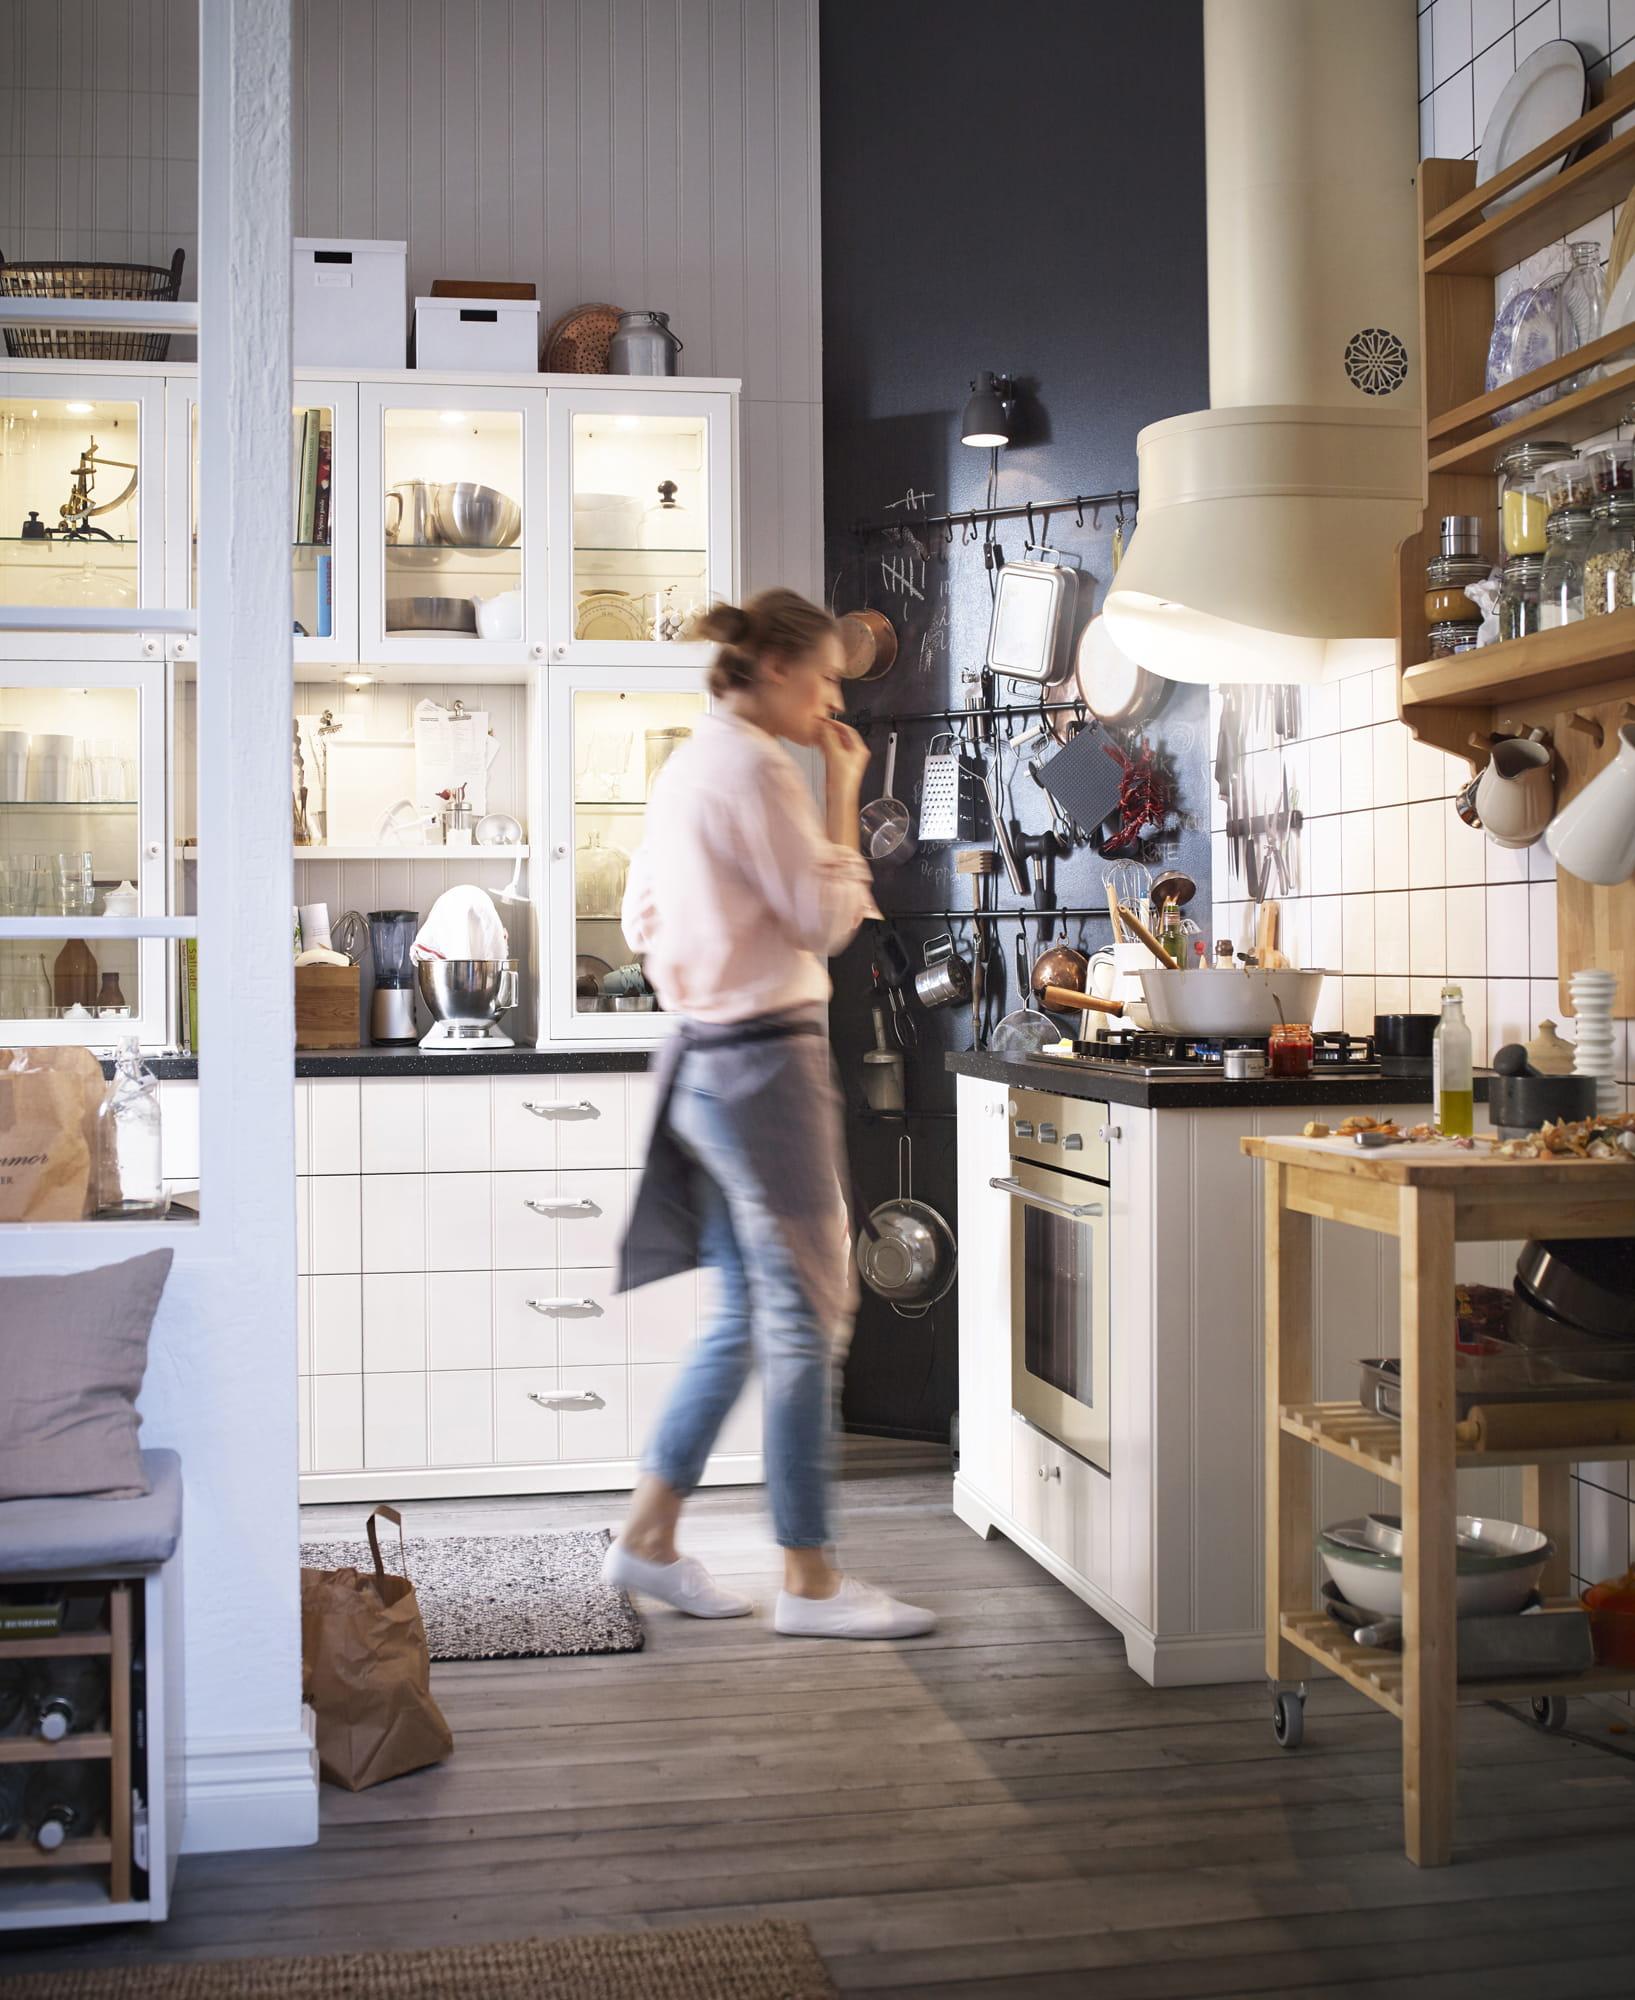 Cuisine Blanche Grise Et Aubergine : La cuisine Metod Hittarp dIKEA  La cuisine IKEA 2016 dans un style